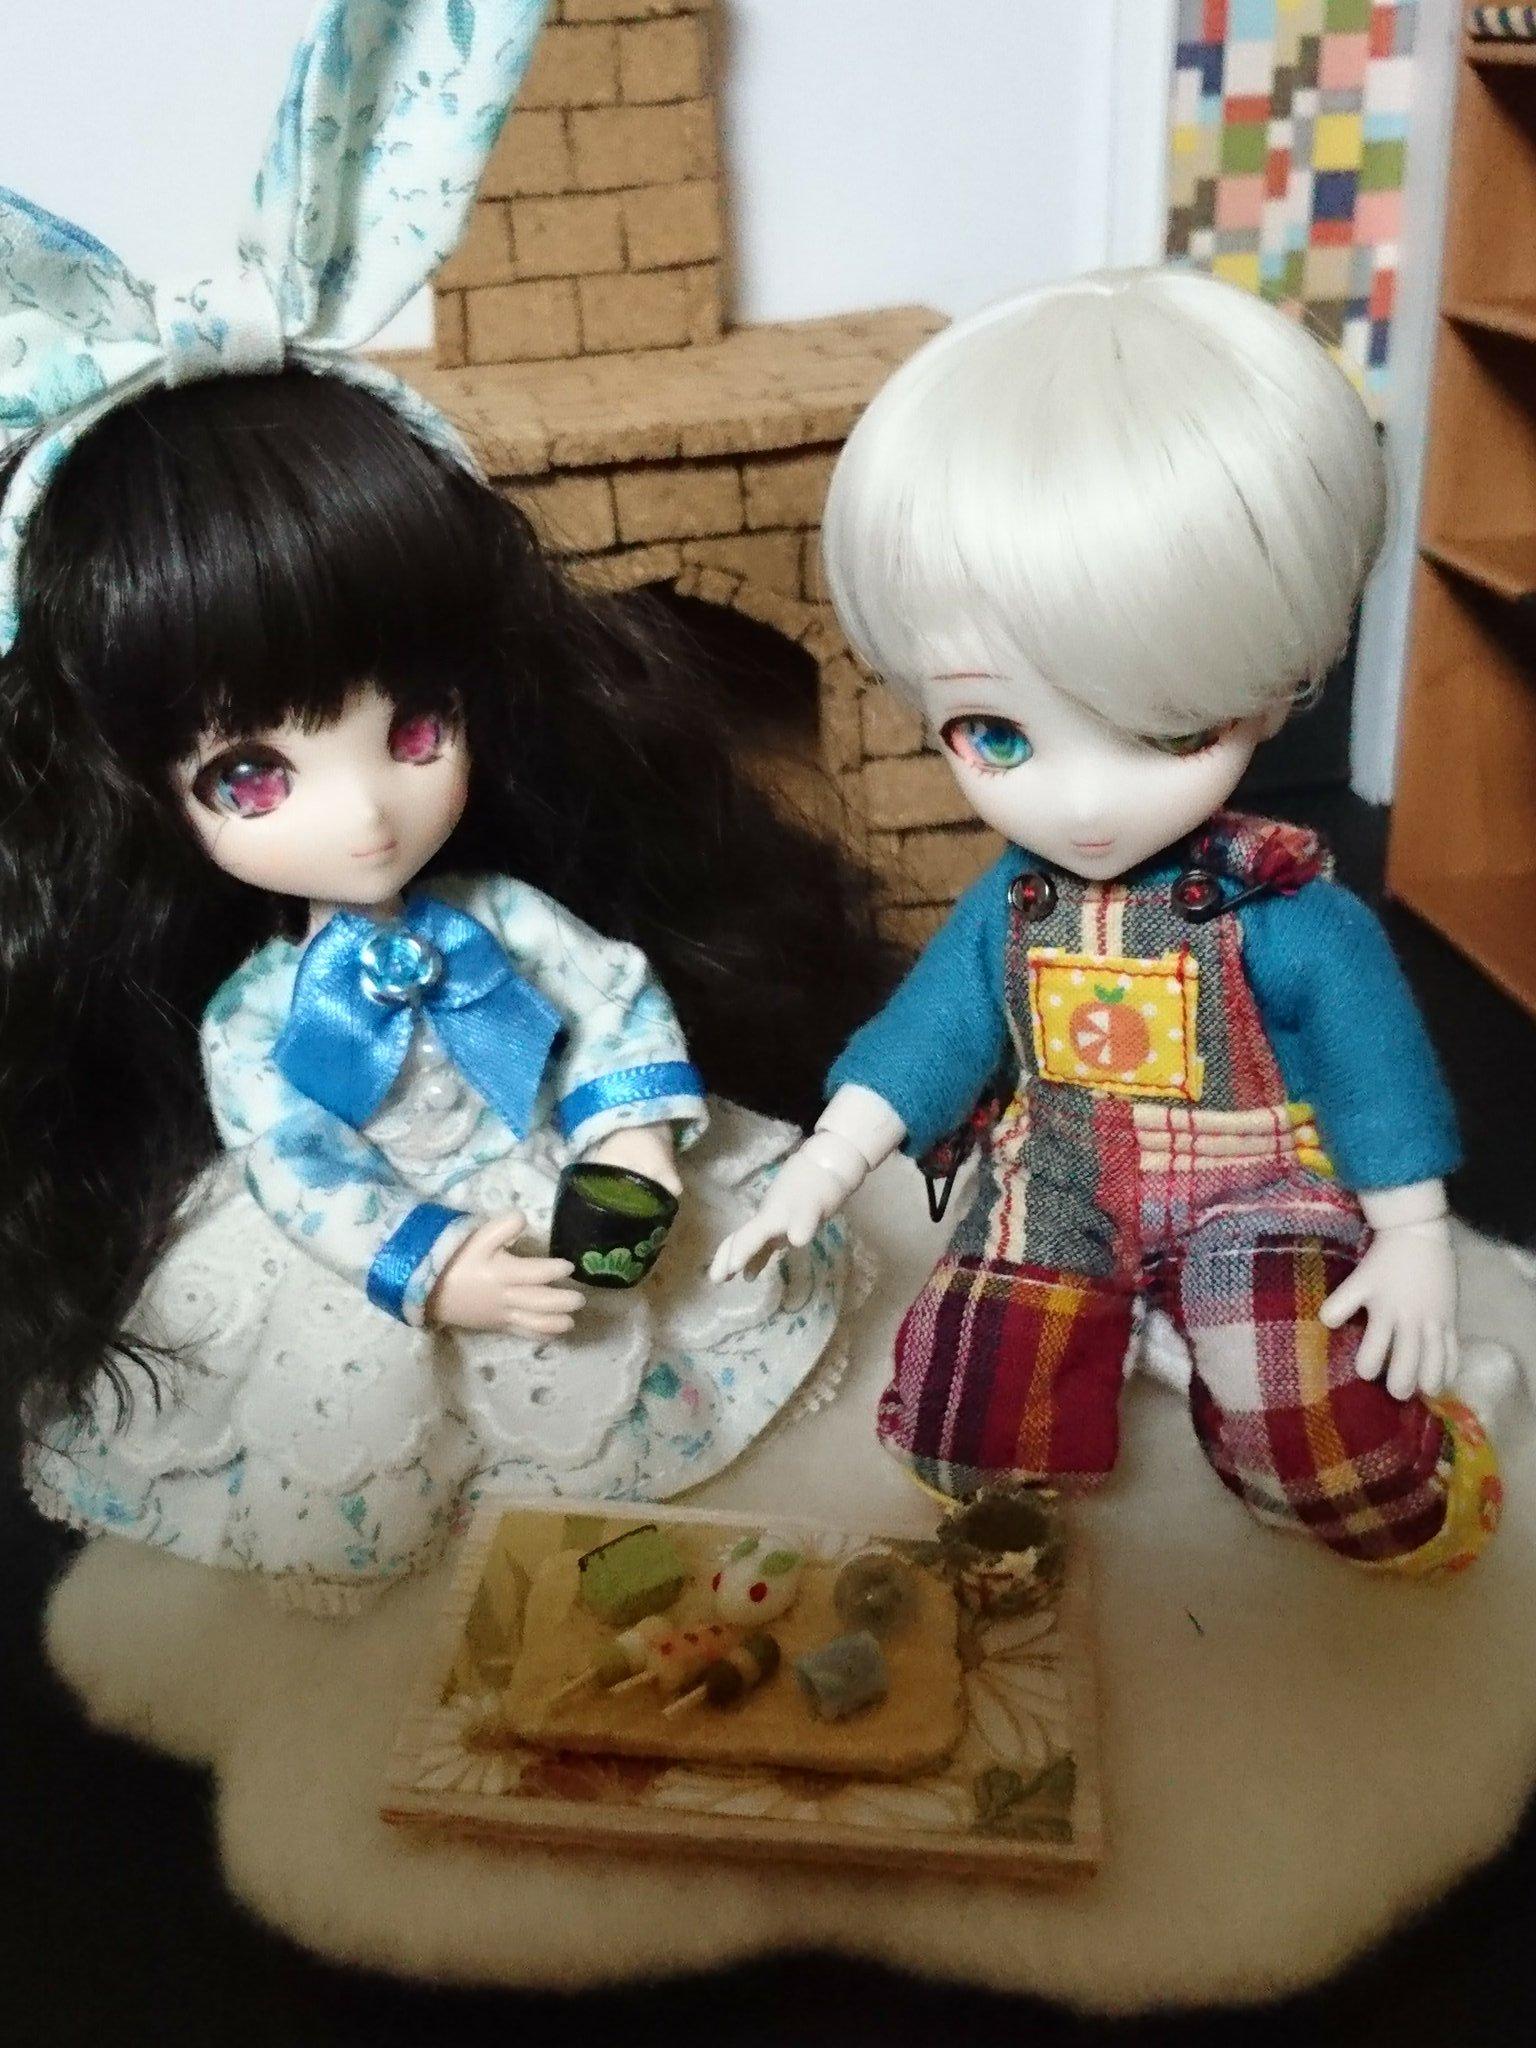 ミニスウィーツドール,あまむす,ミニチュアフード,和菓子,人形遊び